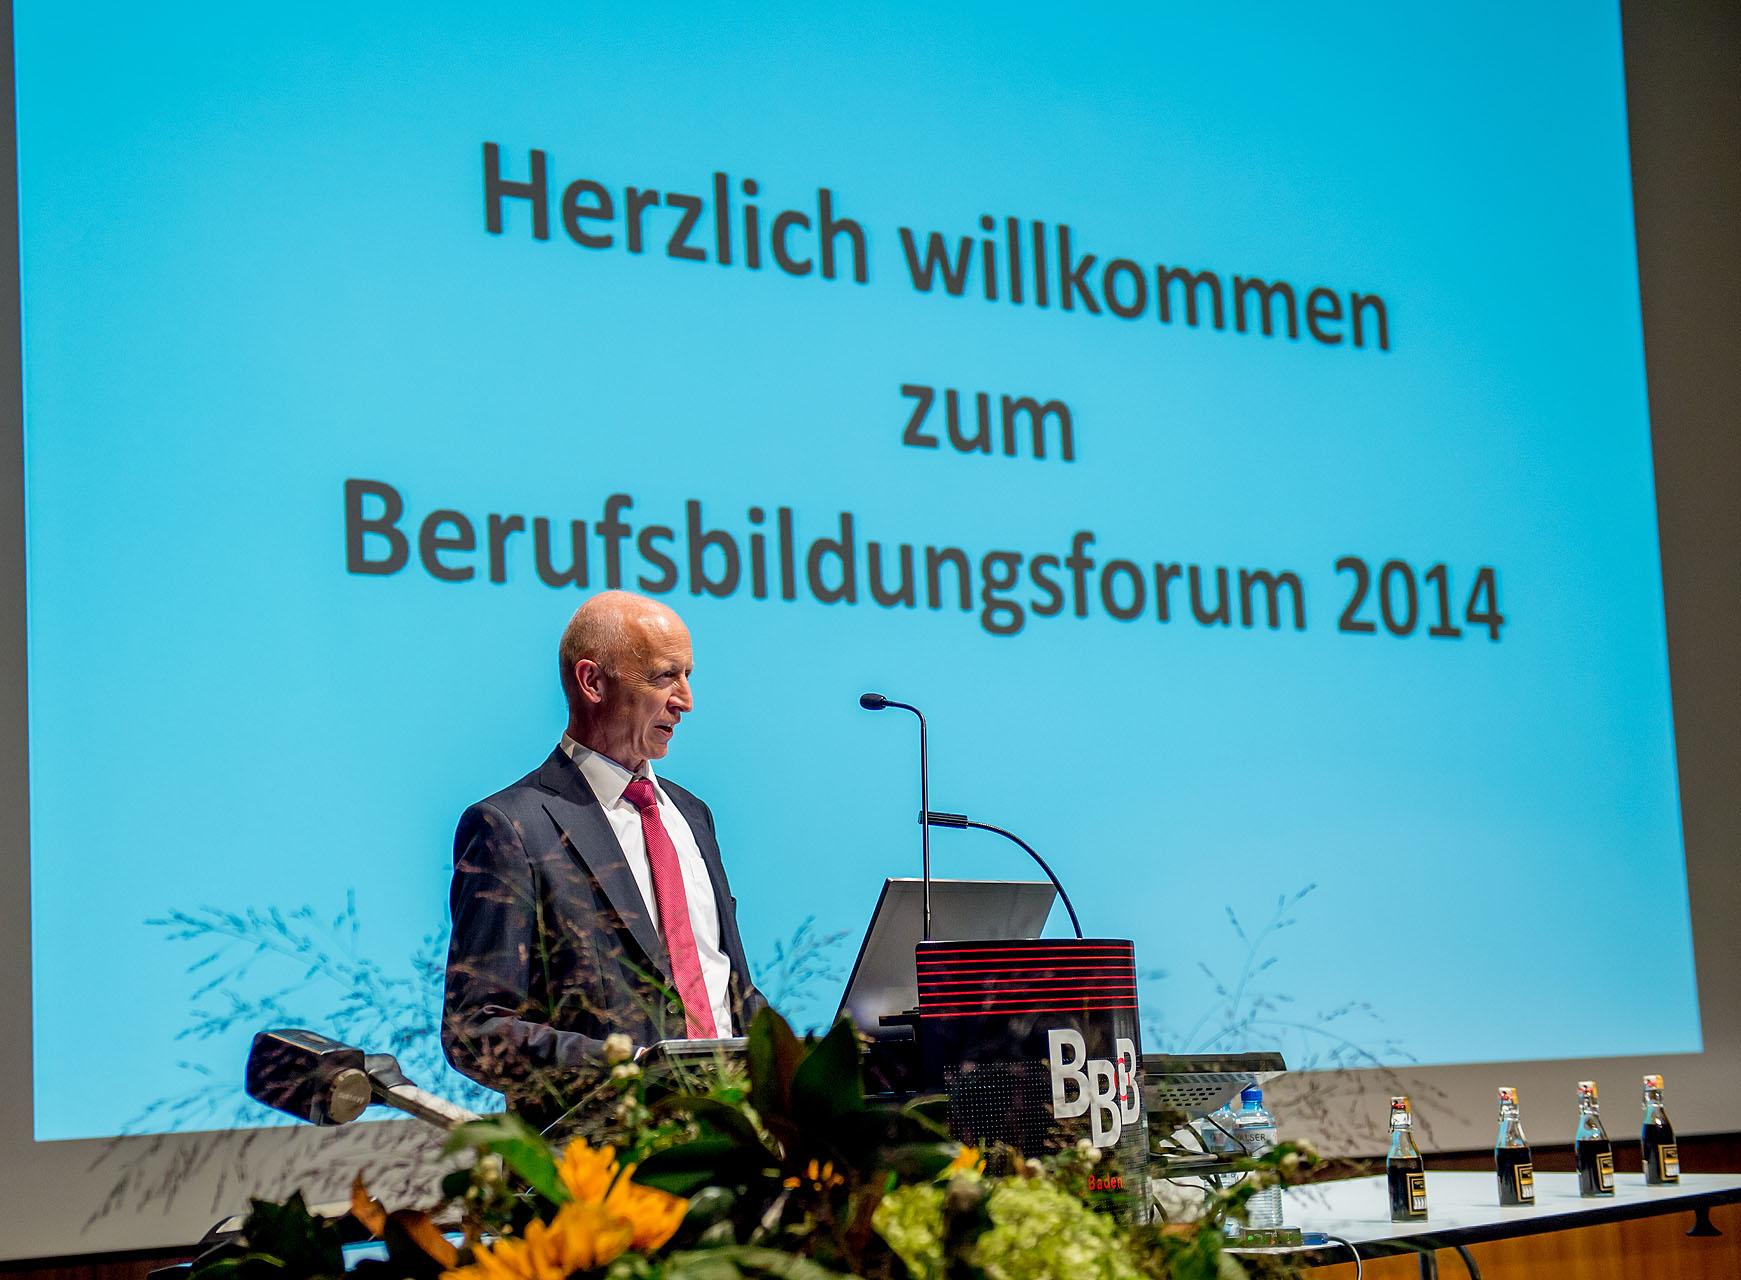 Berufsbildungsforum 2014